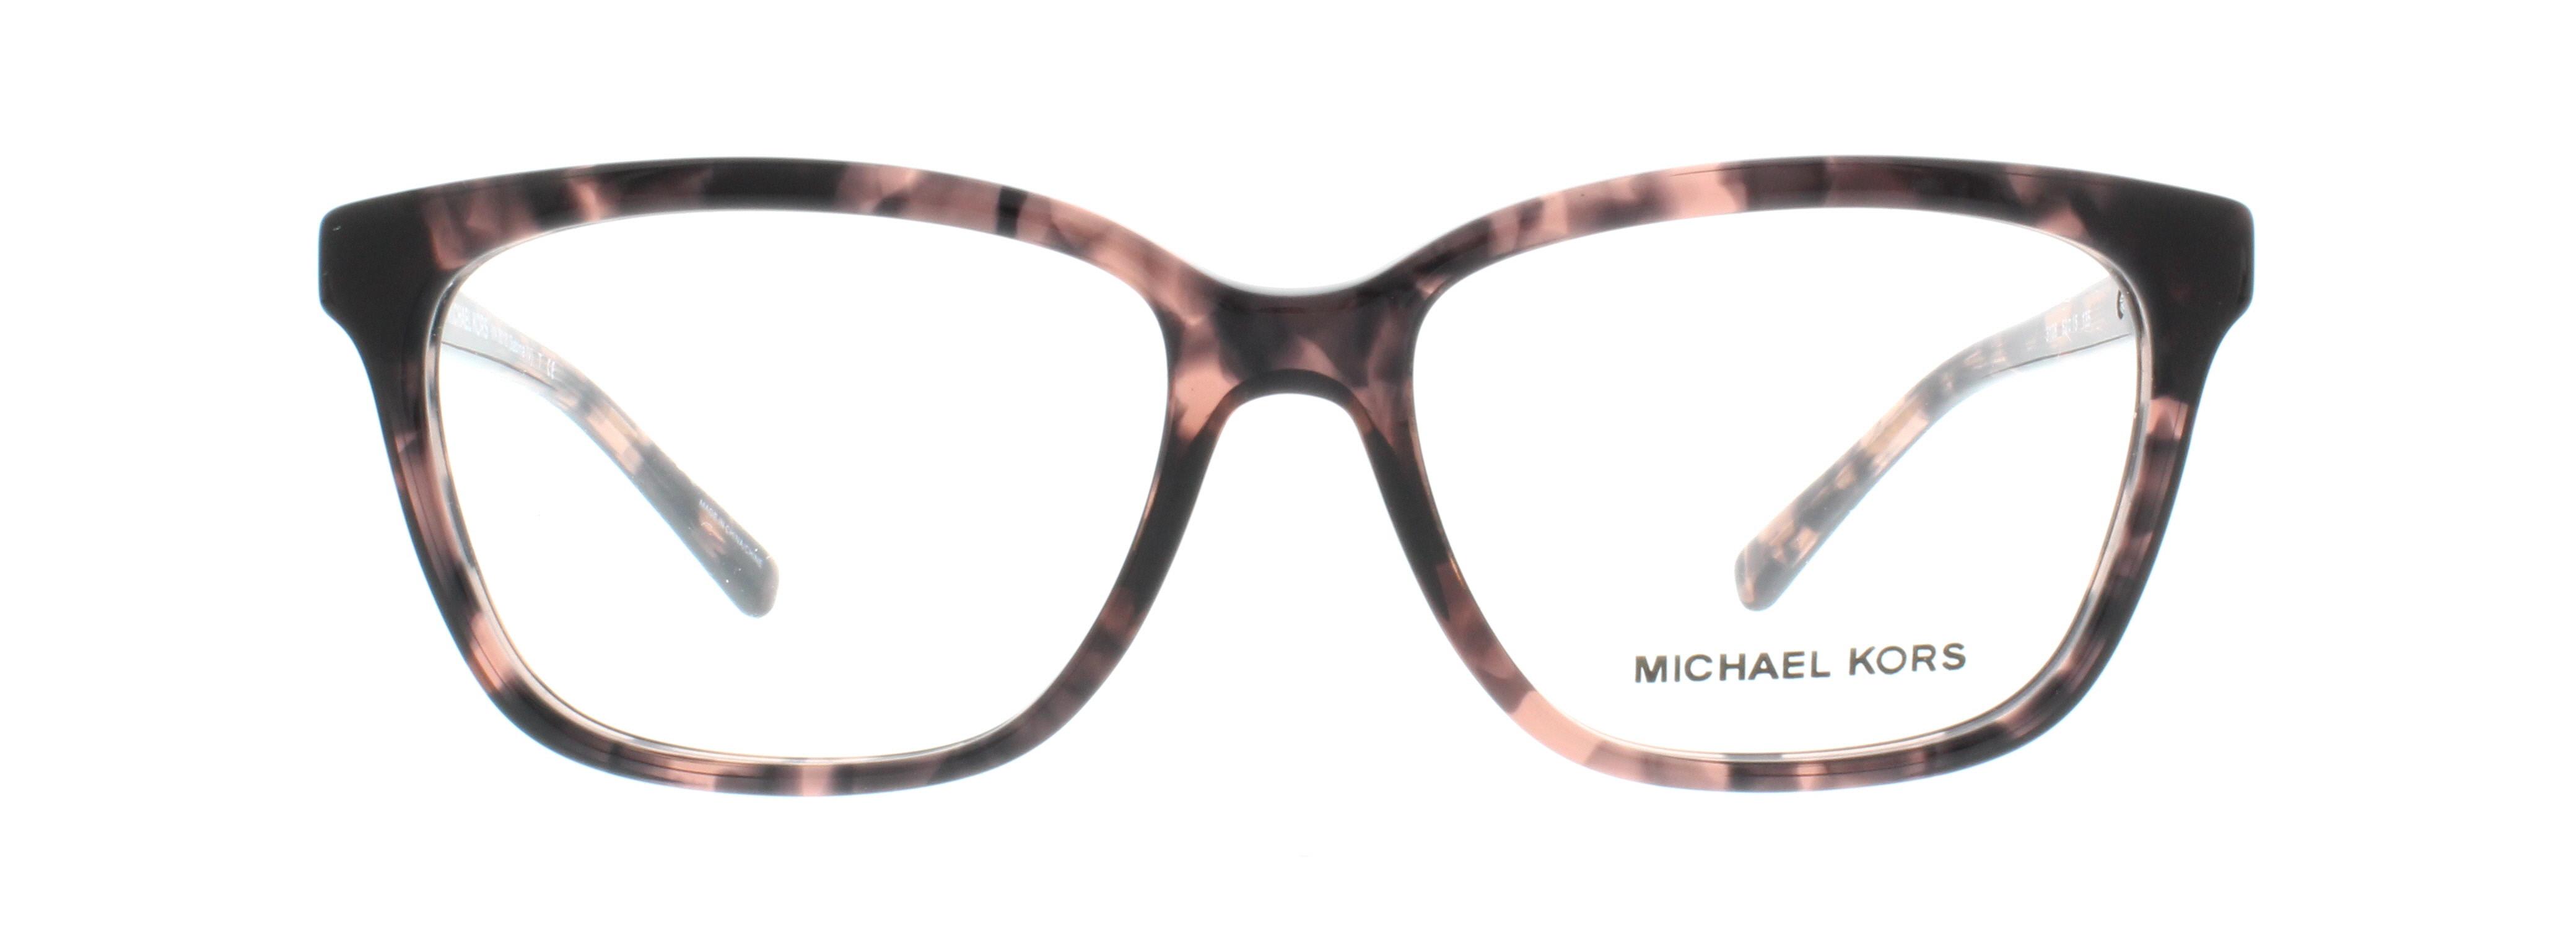 9c2add53c4017 Designer Frames Outlet. Michael Kors MK8018 Sabina IV